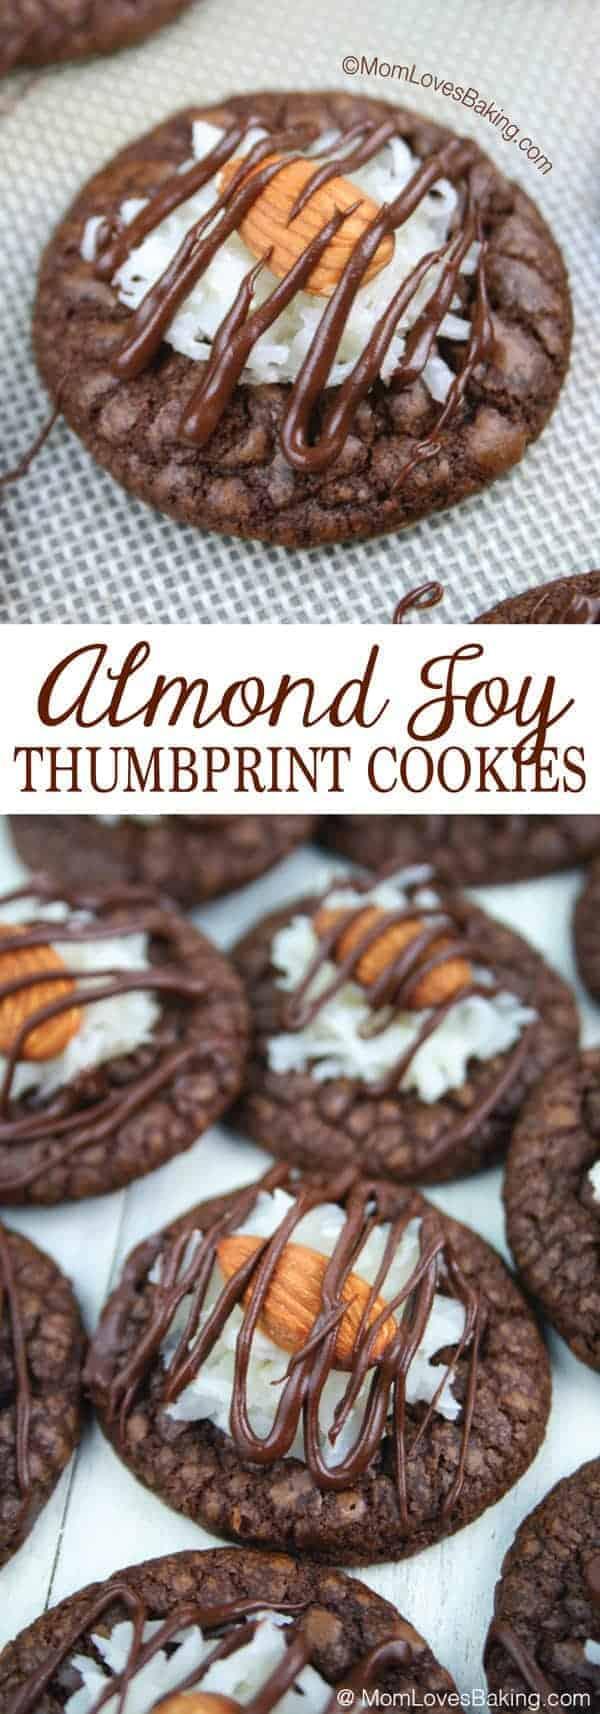 Almond Joy Thumbprint Cookies